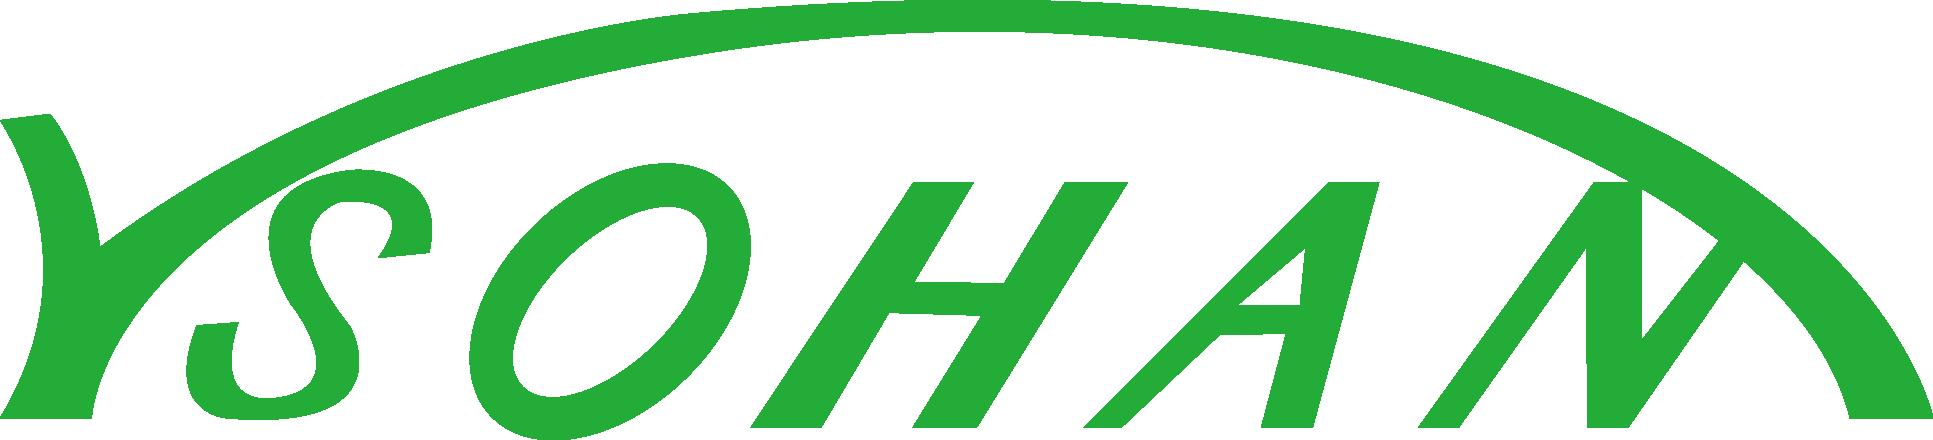 logoマーク